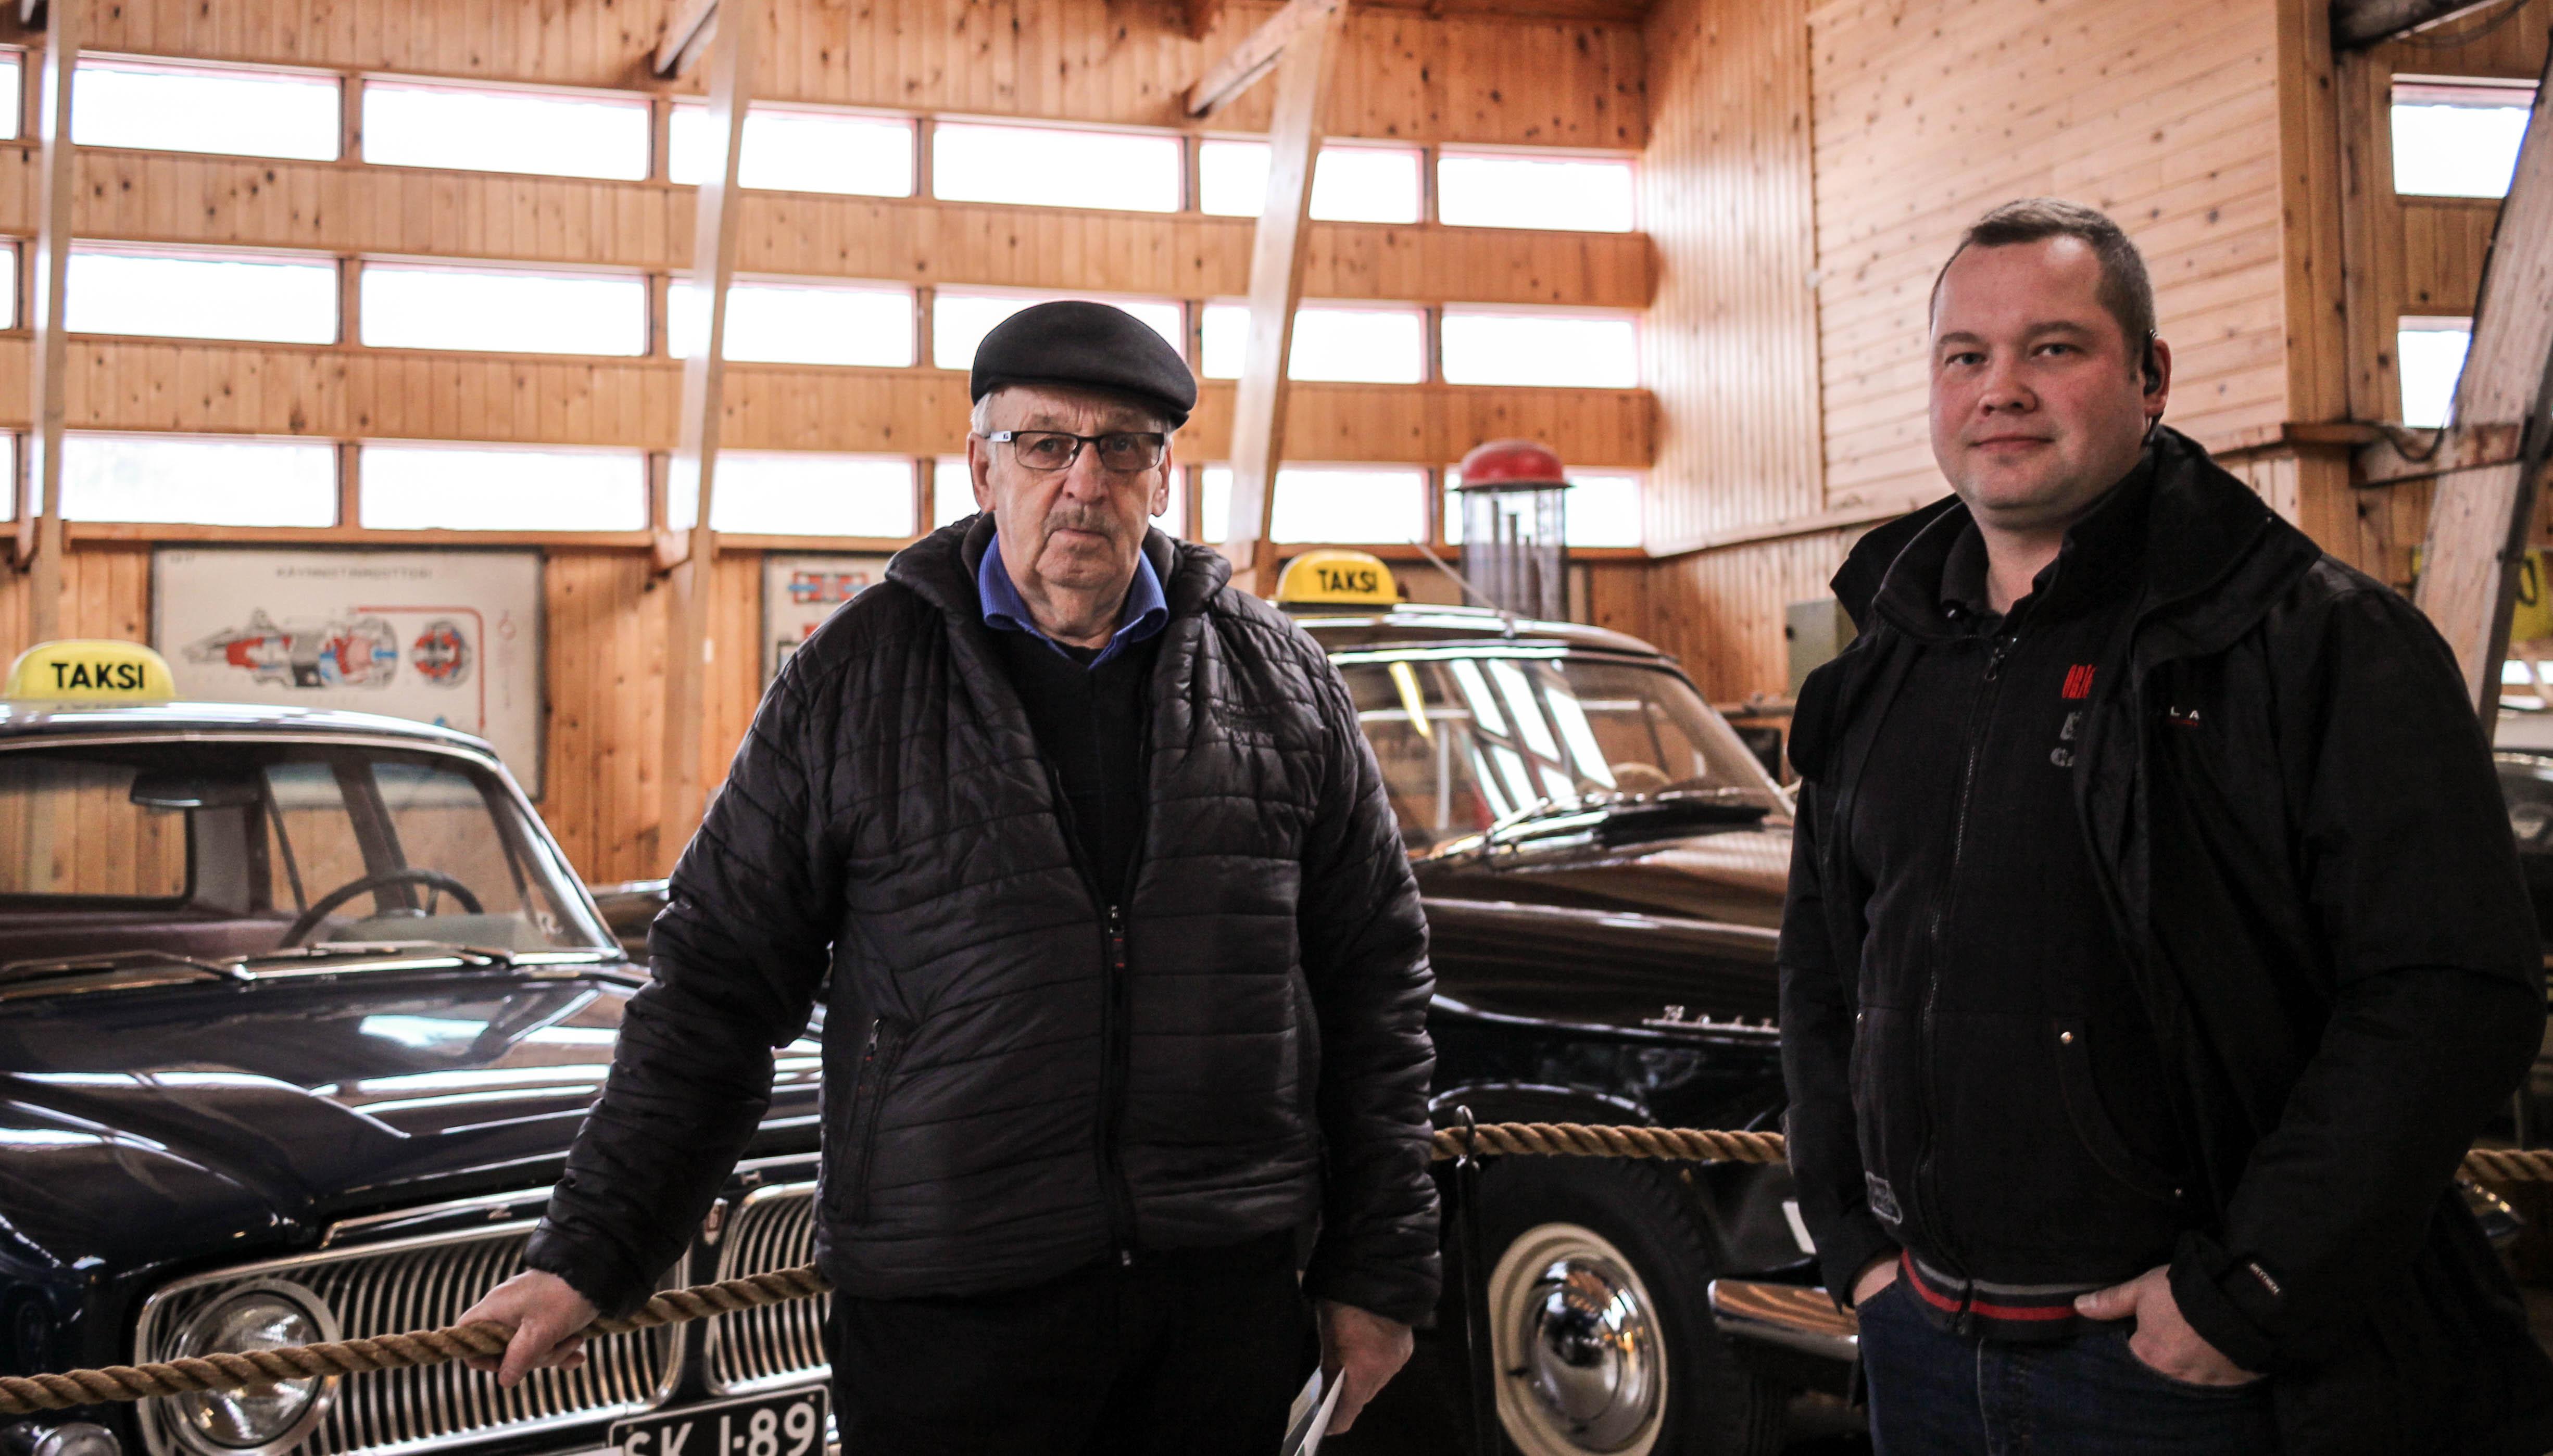 Pekka Hemmilä ja Aki Tegelberg muistelivat Amerikasta tuotujen taksiautojen historiaa. Kuva: Joonas Leinonen